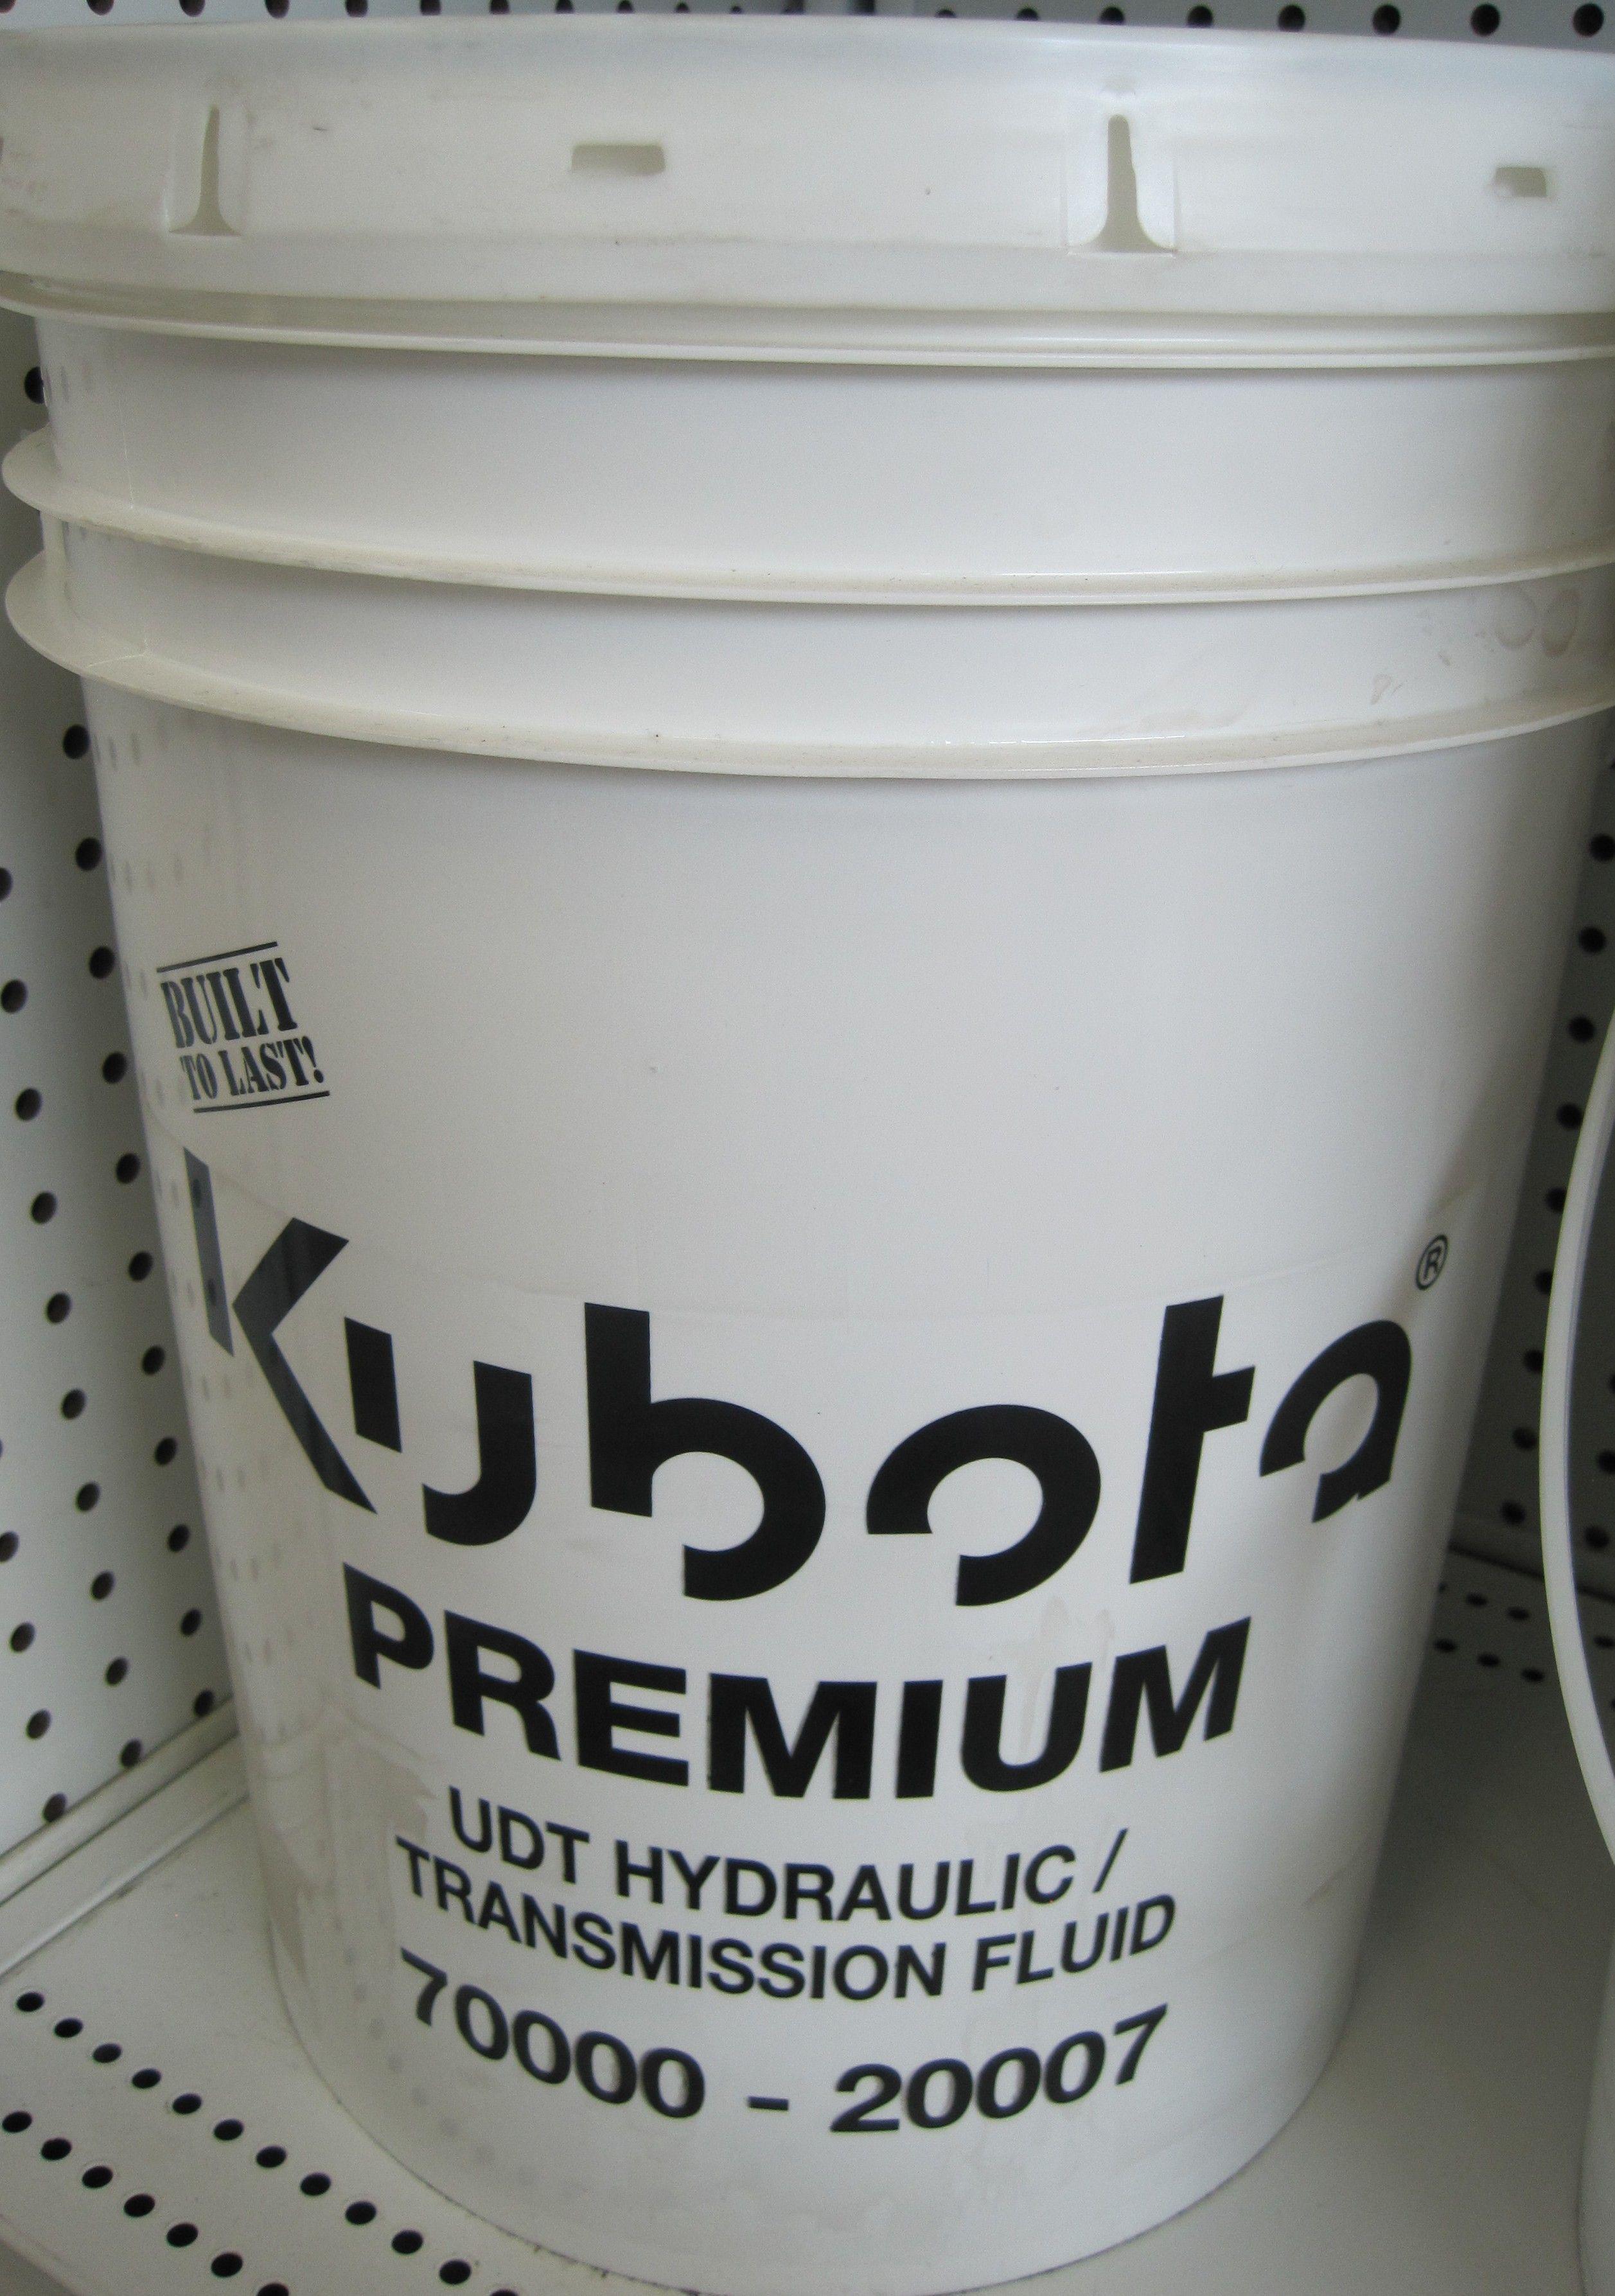 Kubota Premium UDT Hydraulic Transmission fluid